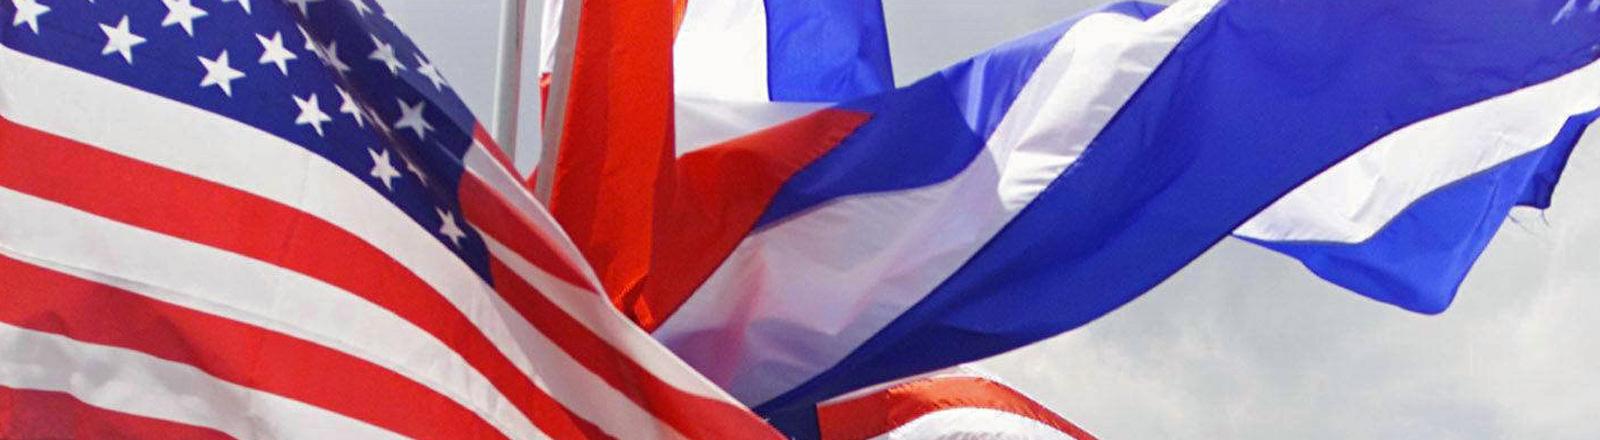 Die US-Flagge und die kubanische flattern durcheinander. Beide sind rot, weiß und blau; Bild: dpa